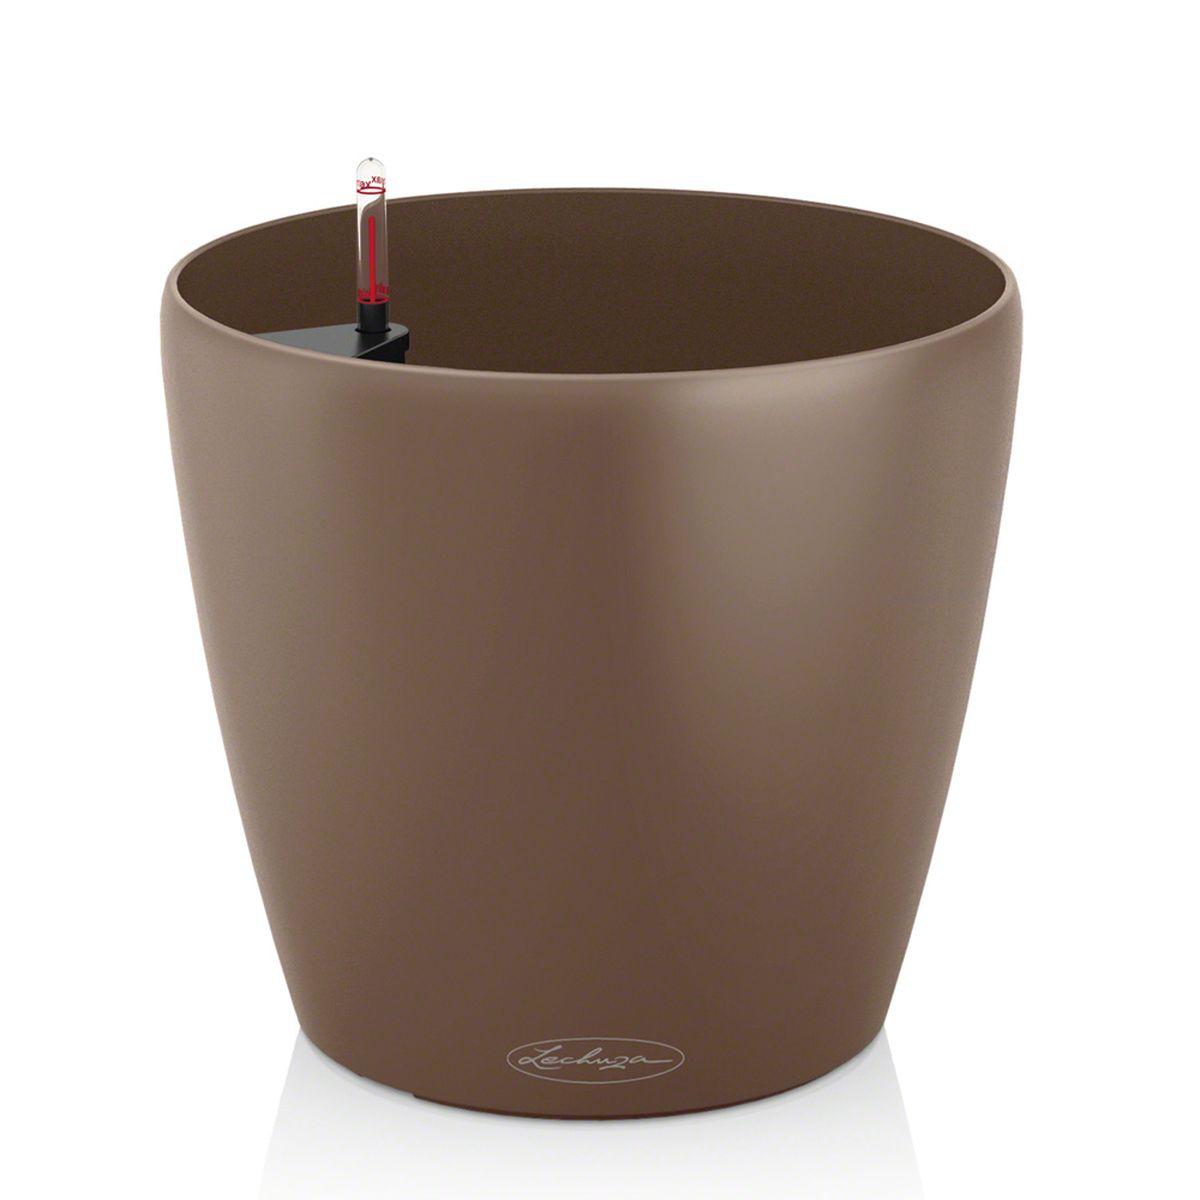 """Кашпо Lechuza """"Color Classico"""", изготовленное из  высококачественного пластика, идеальное решение для тех,  кто регулярно забывает поливать комнатные растения.  Стильный дизайн позволит украсить растениями дом, офис,  кафе или любое другое помещение.  Кашпо Lechuza """"Color Classico"""" с системой автополива  упростит уход за вашими цветами и поможет растениям  получать то количество влаги, которое им необходимо в  данный момент времени.   В набор входит: кашпо, индикатор уровня воды, субстрат  растений в качестве дренажного слоя.   Кашпо Lechuza """"Color Classico"""" прекрасно впишется в  интерьер террас, ресторанов и уютных гостиных.  Изделие поможет расставить нужные акценты, а также  придаст помещению вид, соответствующий вашим  представлениям.     В комплекте поставляется подставка на колесиках, благодаря  которой изделие становится мобильным в любом  направлении."""